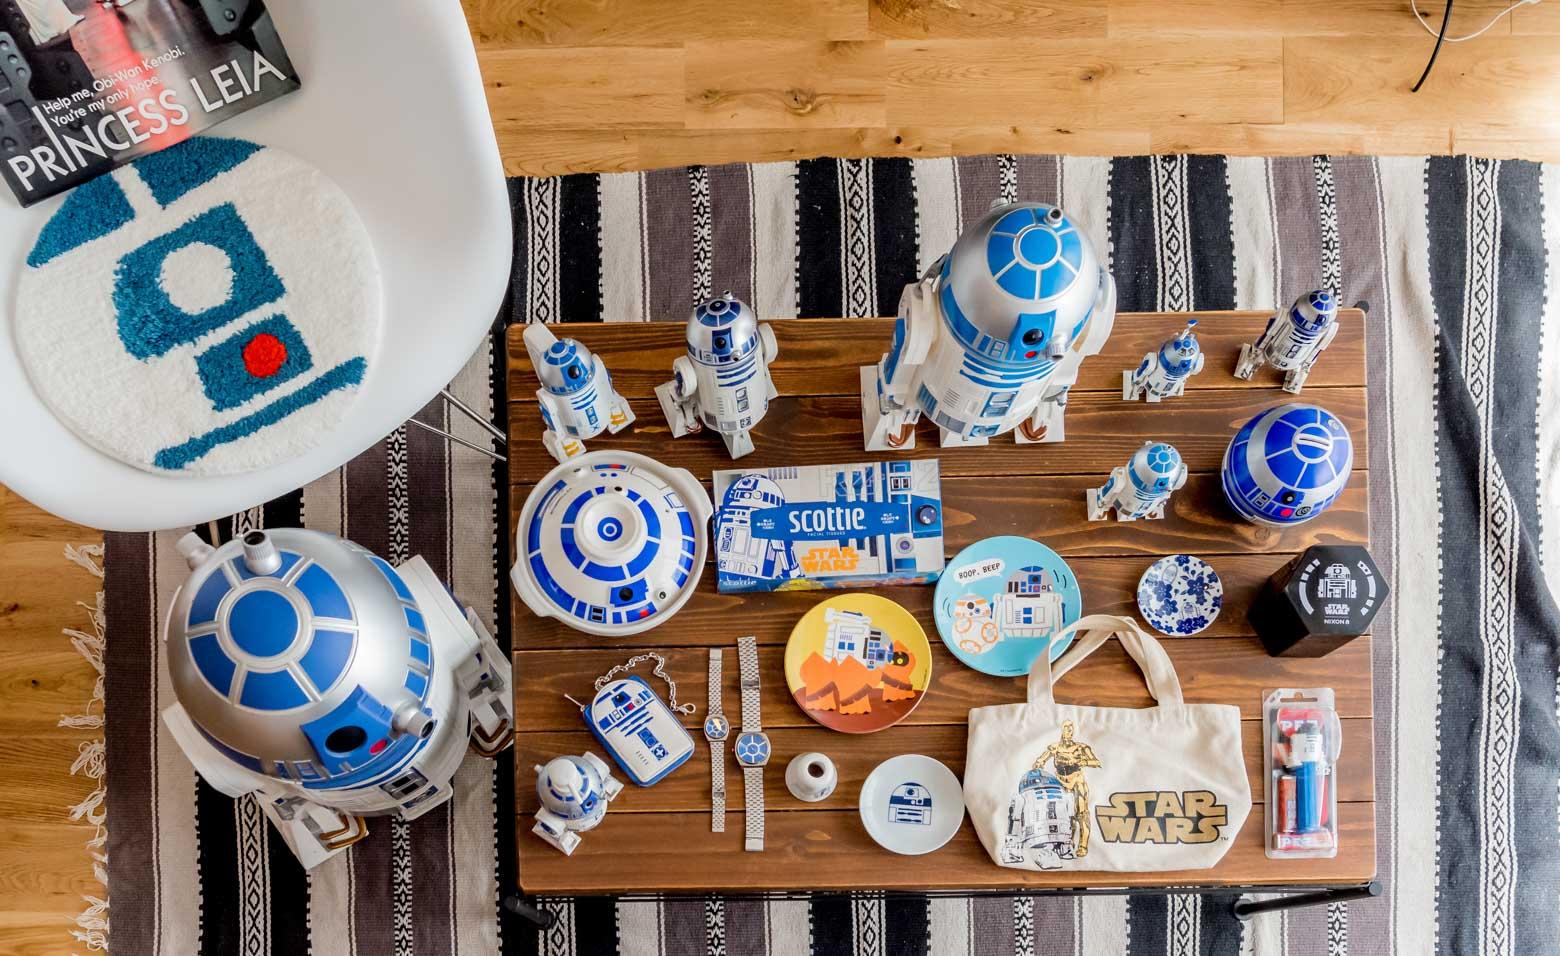 「並べたのはじめてです。こうやってみるとたくさんあるもんですねー」と奥さま。それにしてもさっきの土鍋といい、単純な色とパターンなんだけど、一目で「R2-D2だ!」ってわかるのすごい。